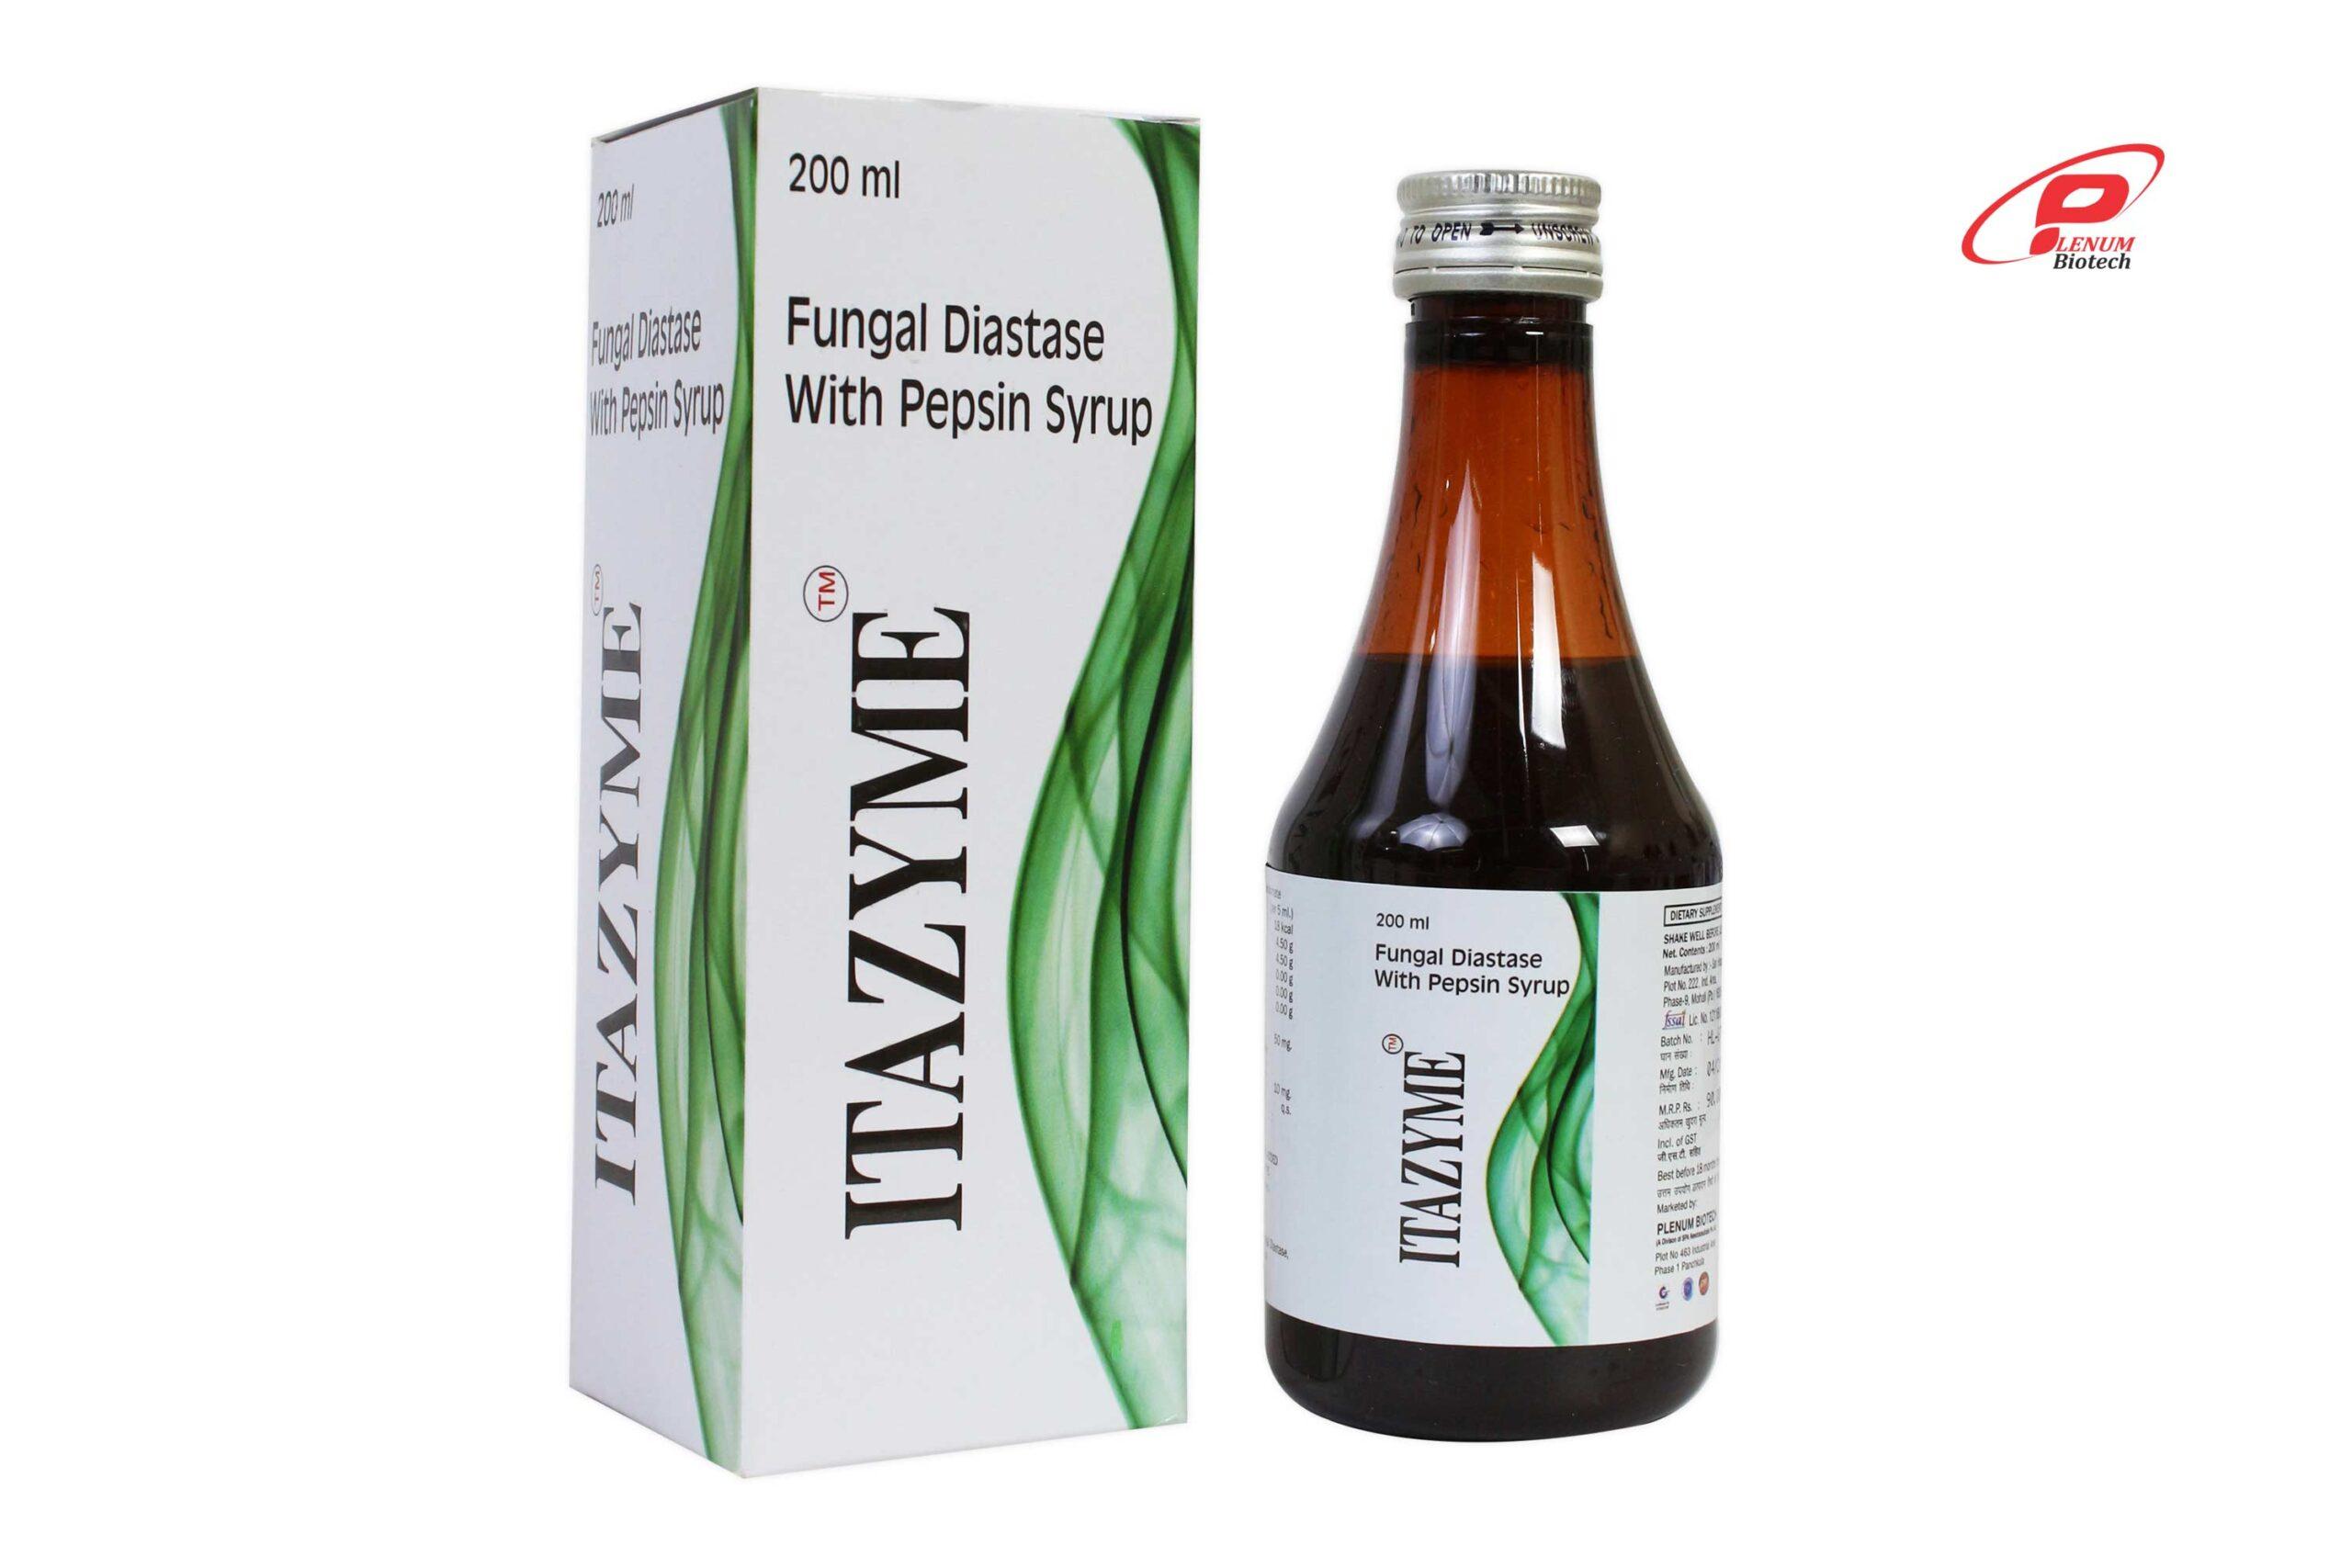 Itazyme